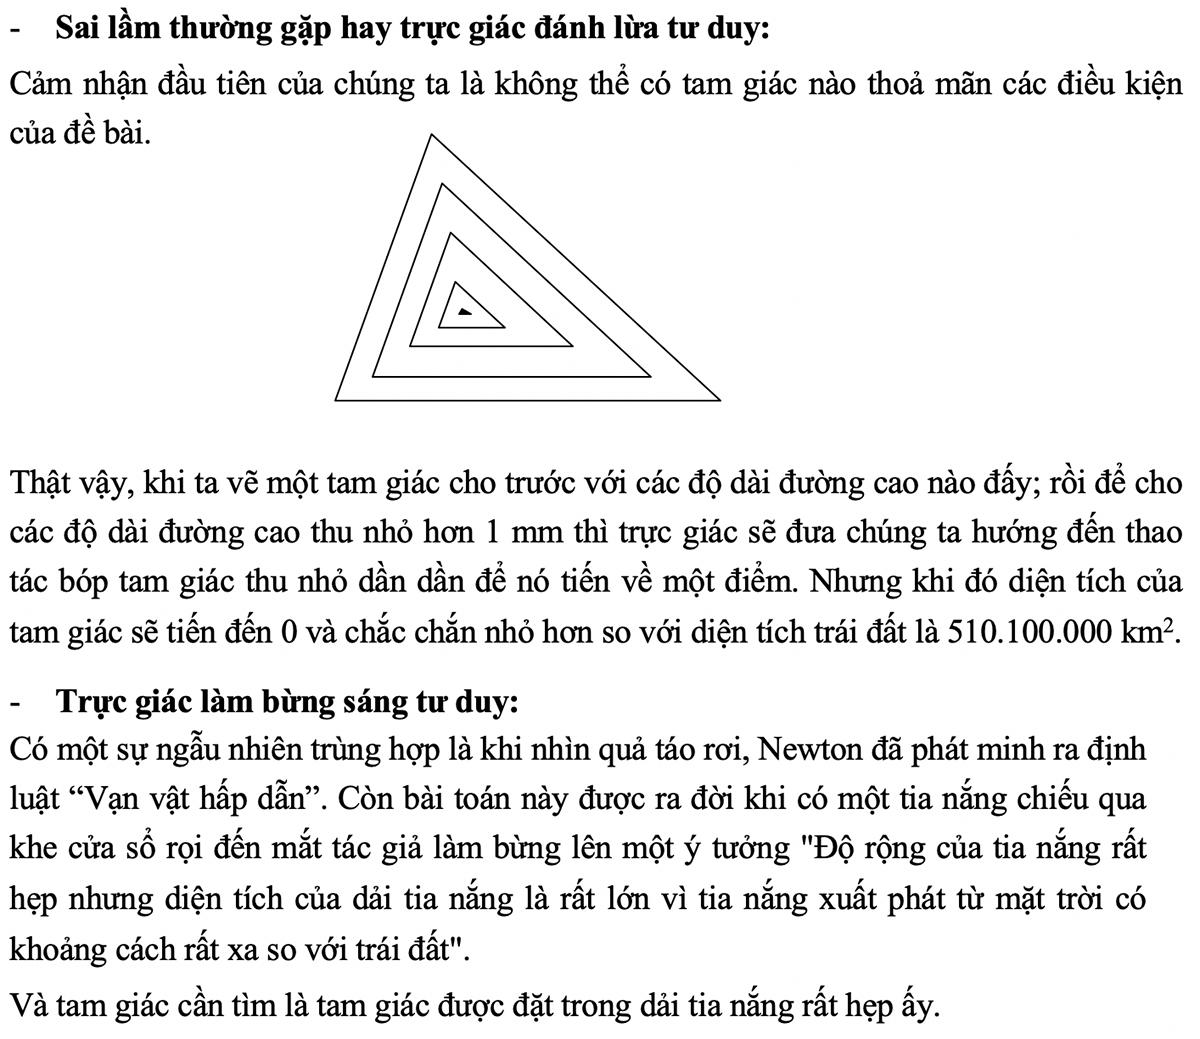 Đáp án bài toán Việt trên báo Anh